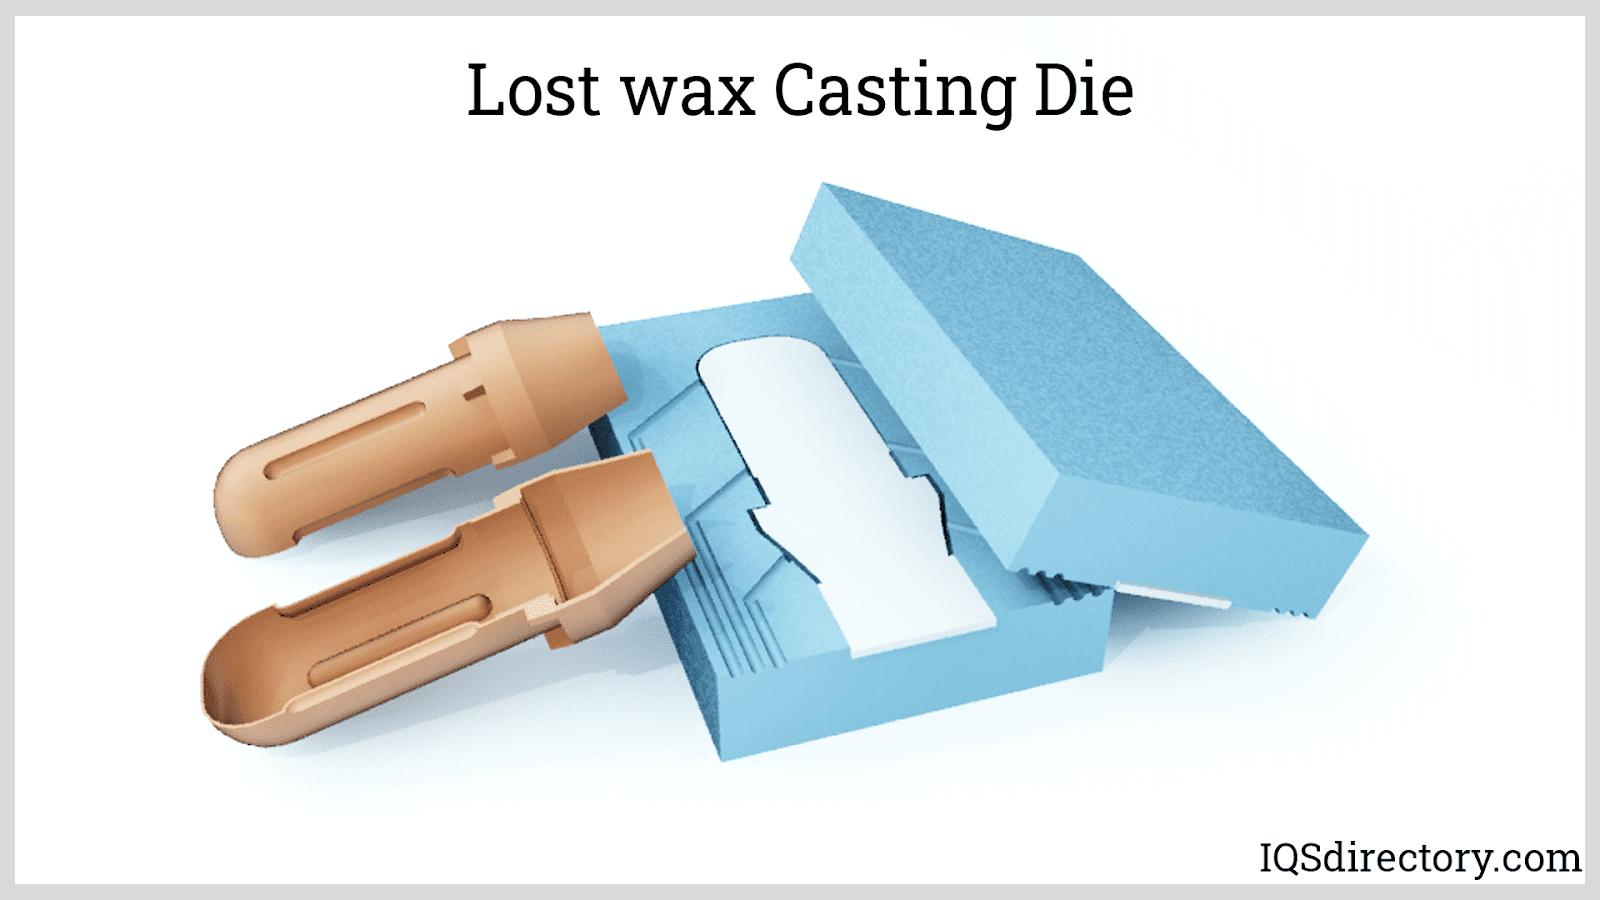 Lost wax Casting Die